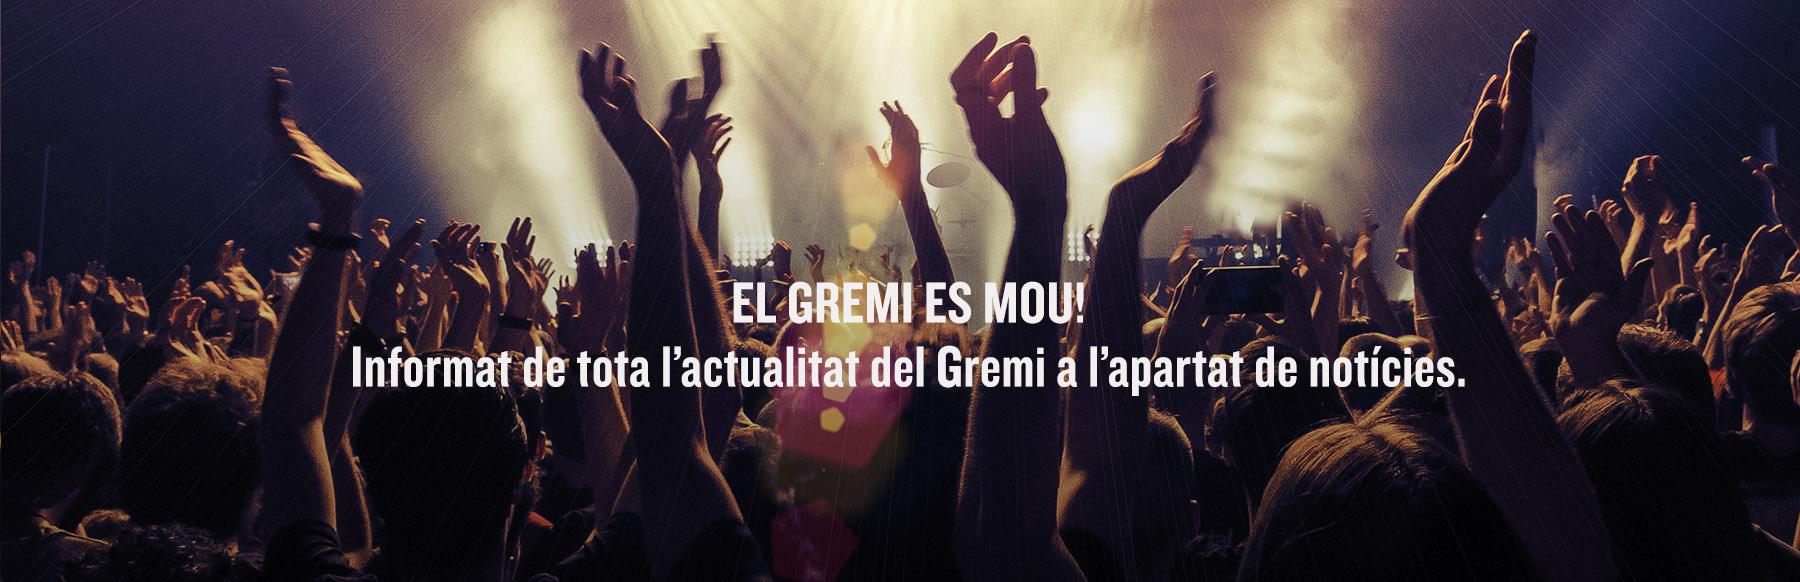 BANNER_GEDBP_generic gente bailando manos arriba